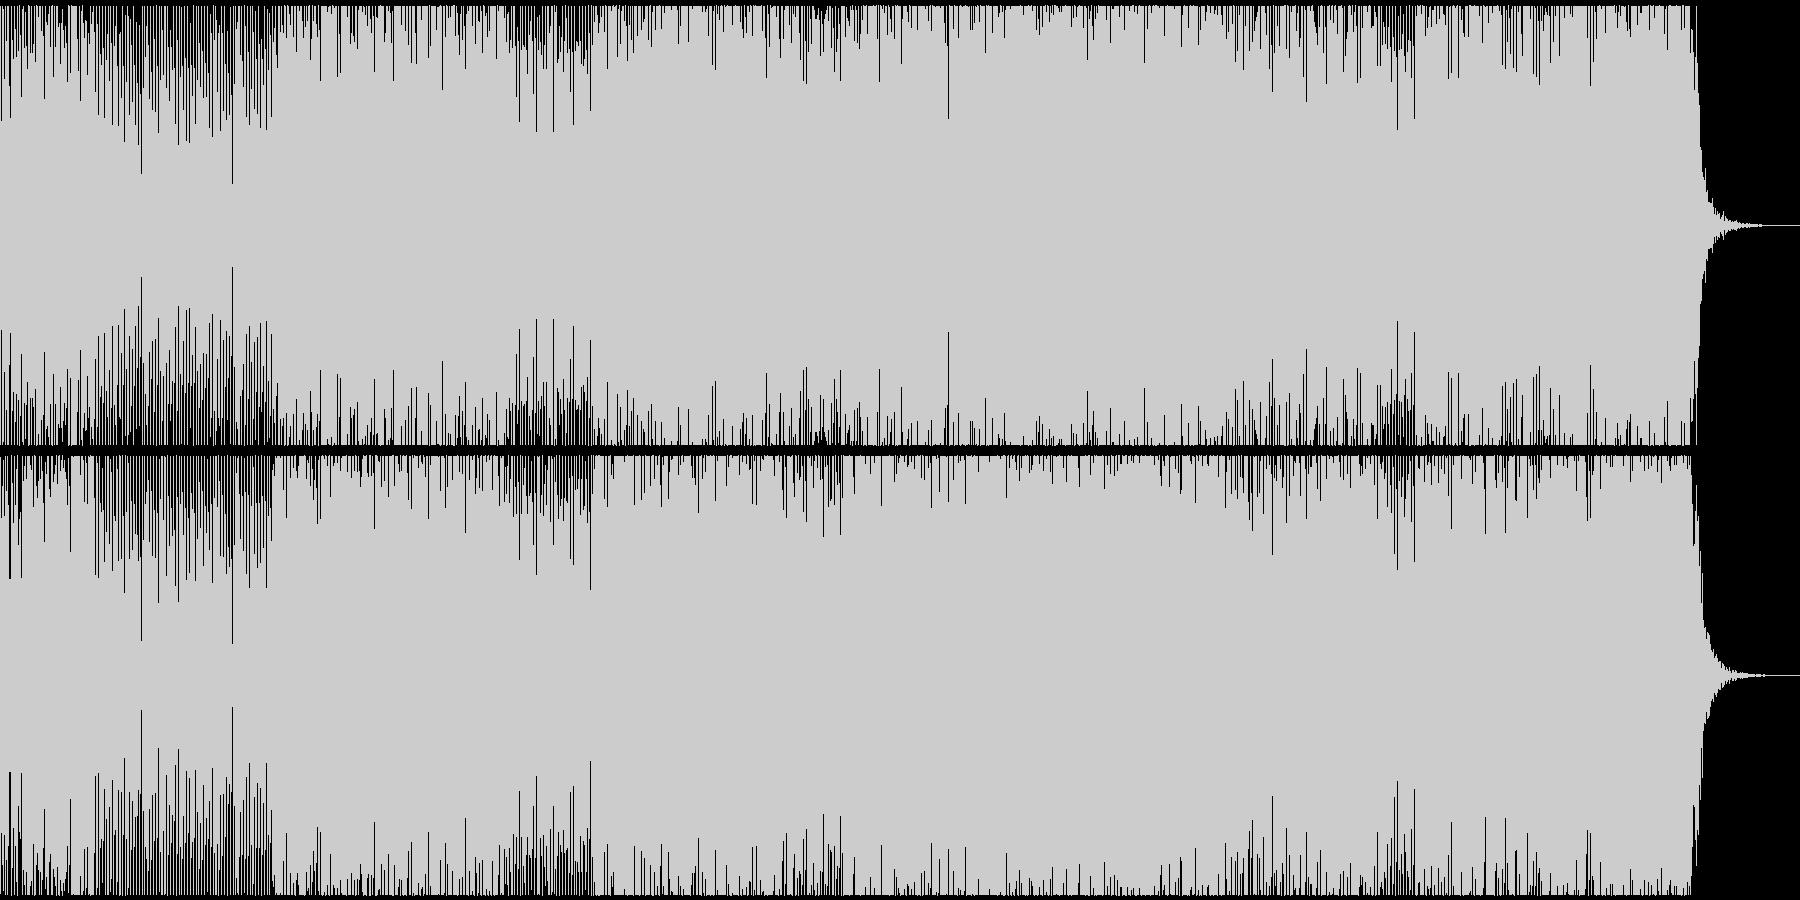 アンビエントでアシッドなテクノサウンドの未再生の波形